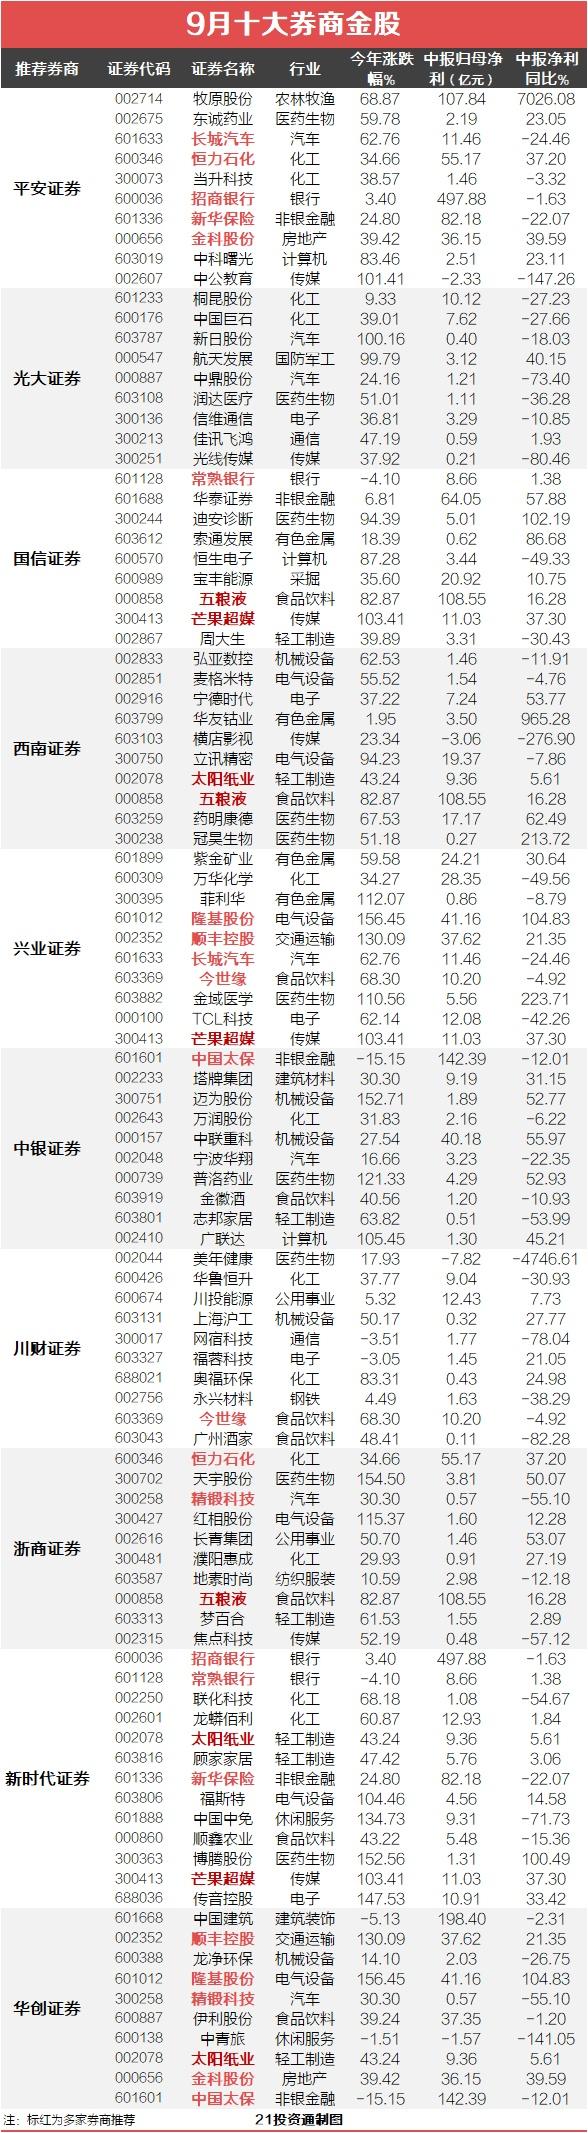 9月金股曝光!券商看好低估值、涨价、消费三大主线